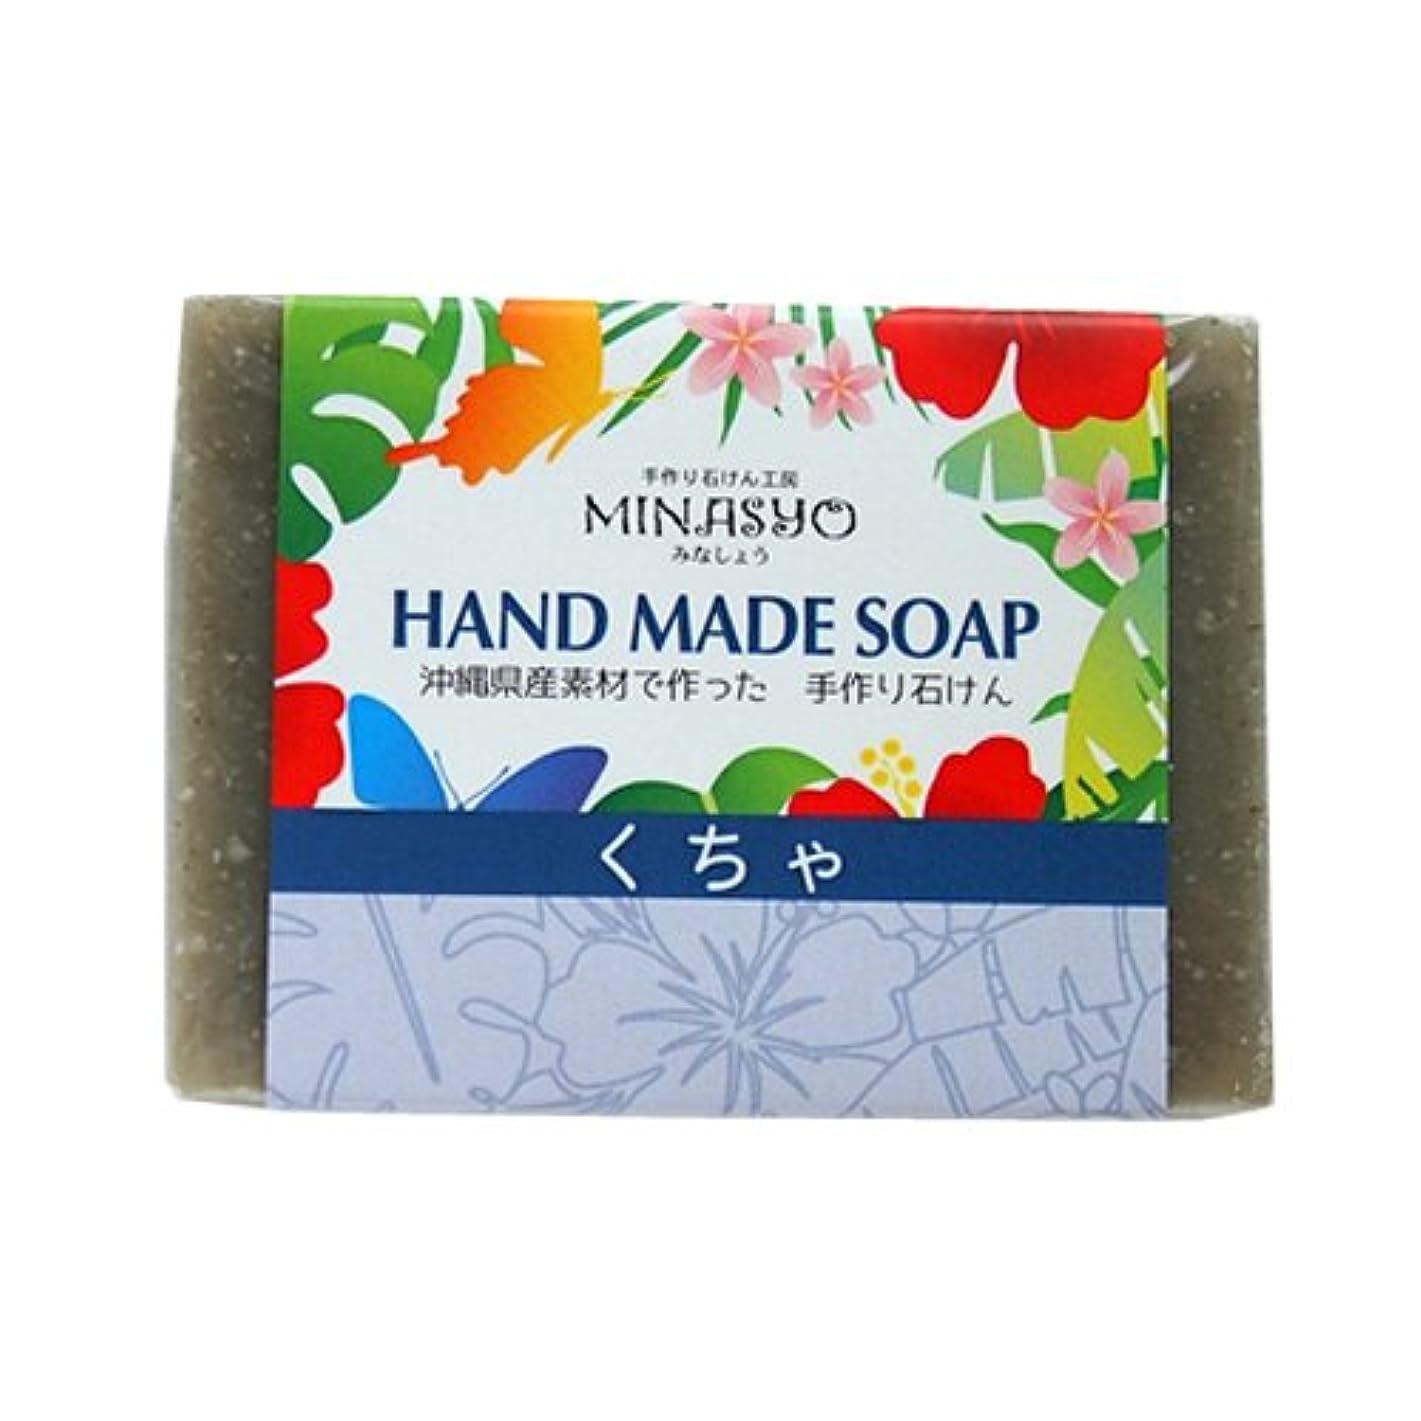 蜜降雨狂人洗顔石鹸 毛穴ケア メンズ 無添加 固形 くちゃパック 手作りくちゃ石鹸